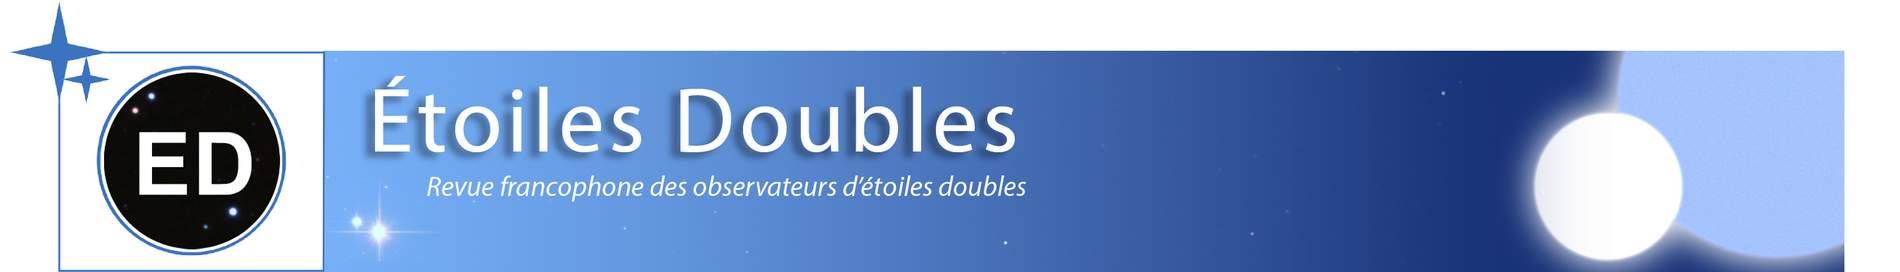 Revue Etoiles Doubles - Astronomie